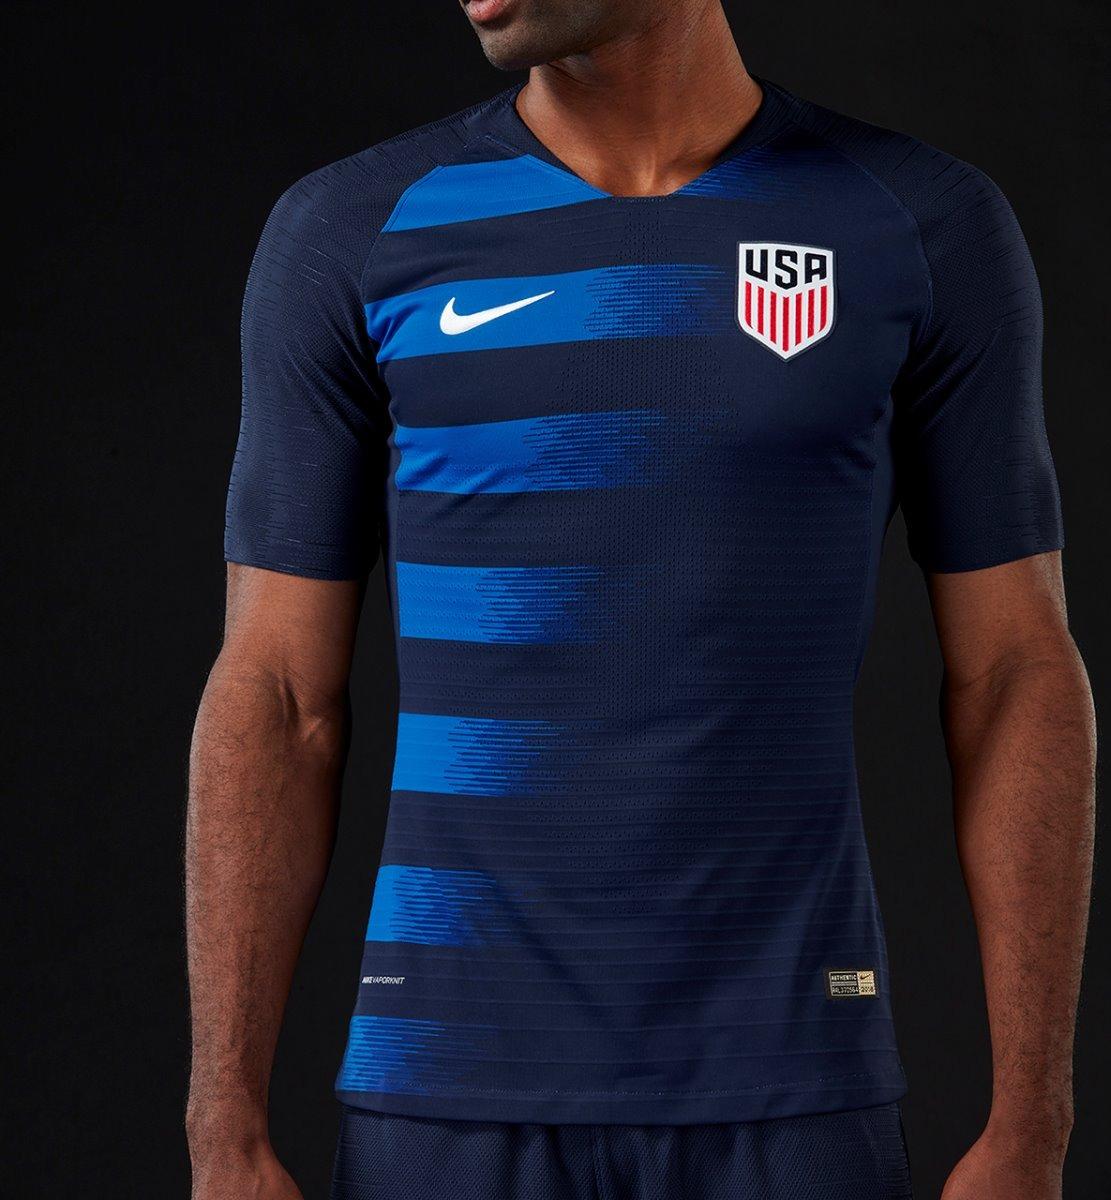 camisa seleção estados unidos 2018 - u.s.a away. Carregando zoom. 217a1db3bf514